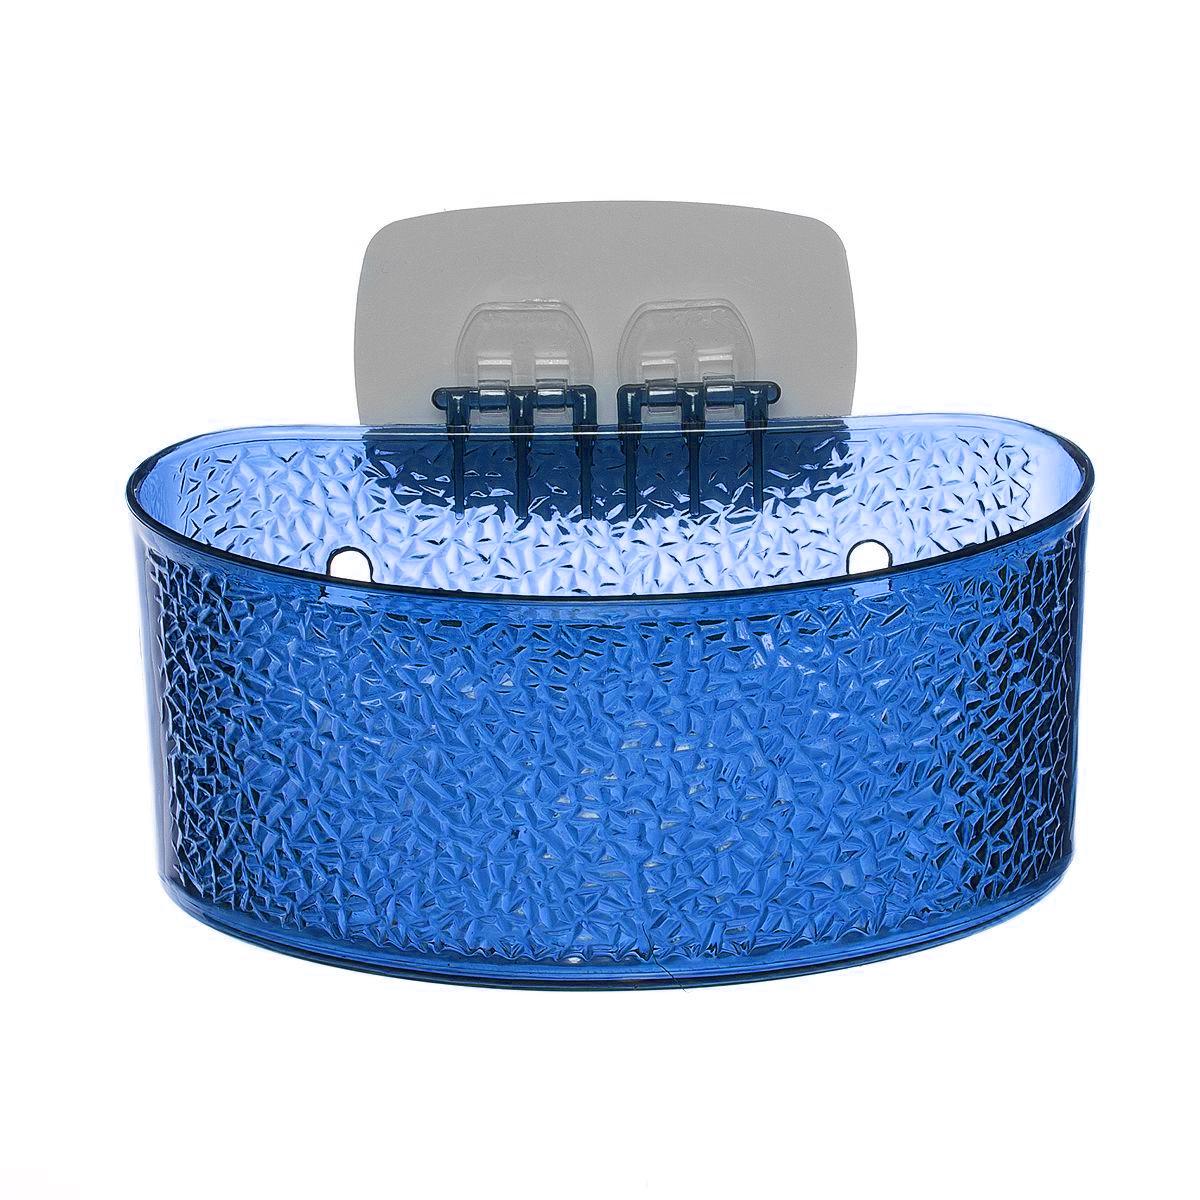 Полка для ванной комнаты Fresh Code, на липкой основе, цвет: синий, 19 х 10 х 10 см64943_ синийПолка для ванной комнаты Fresh Code выполнена из ABS пластика. Крепление на липкой основе многократного использования идеально подходит для гладкой поверхности. Полка поможет создать настроение вашей ванной комнаты. Подходит для всех типов гладких поверхностей. Максимальная нагрузка 3 кг.